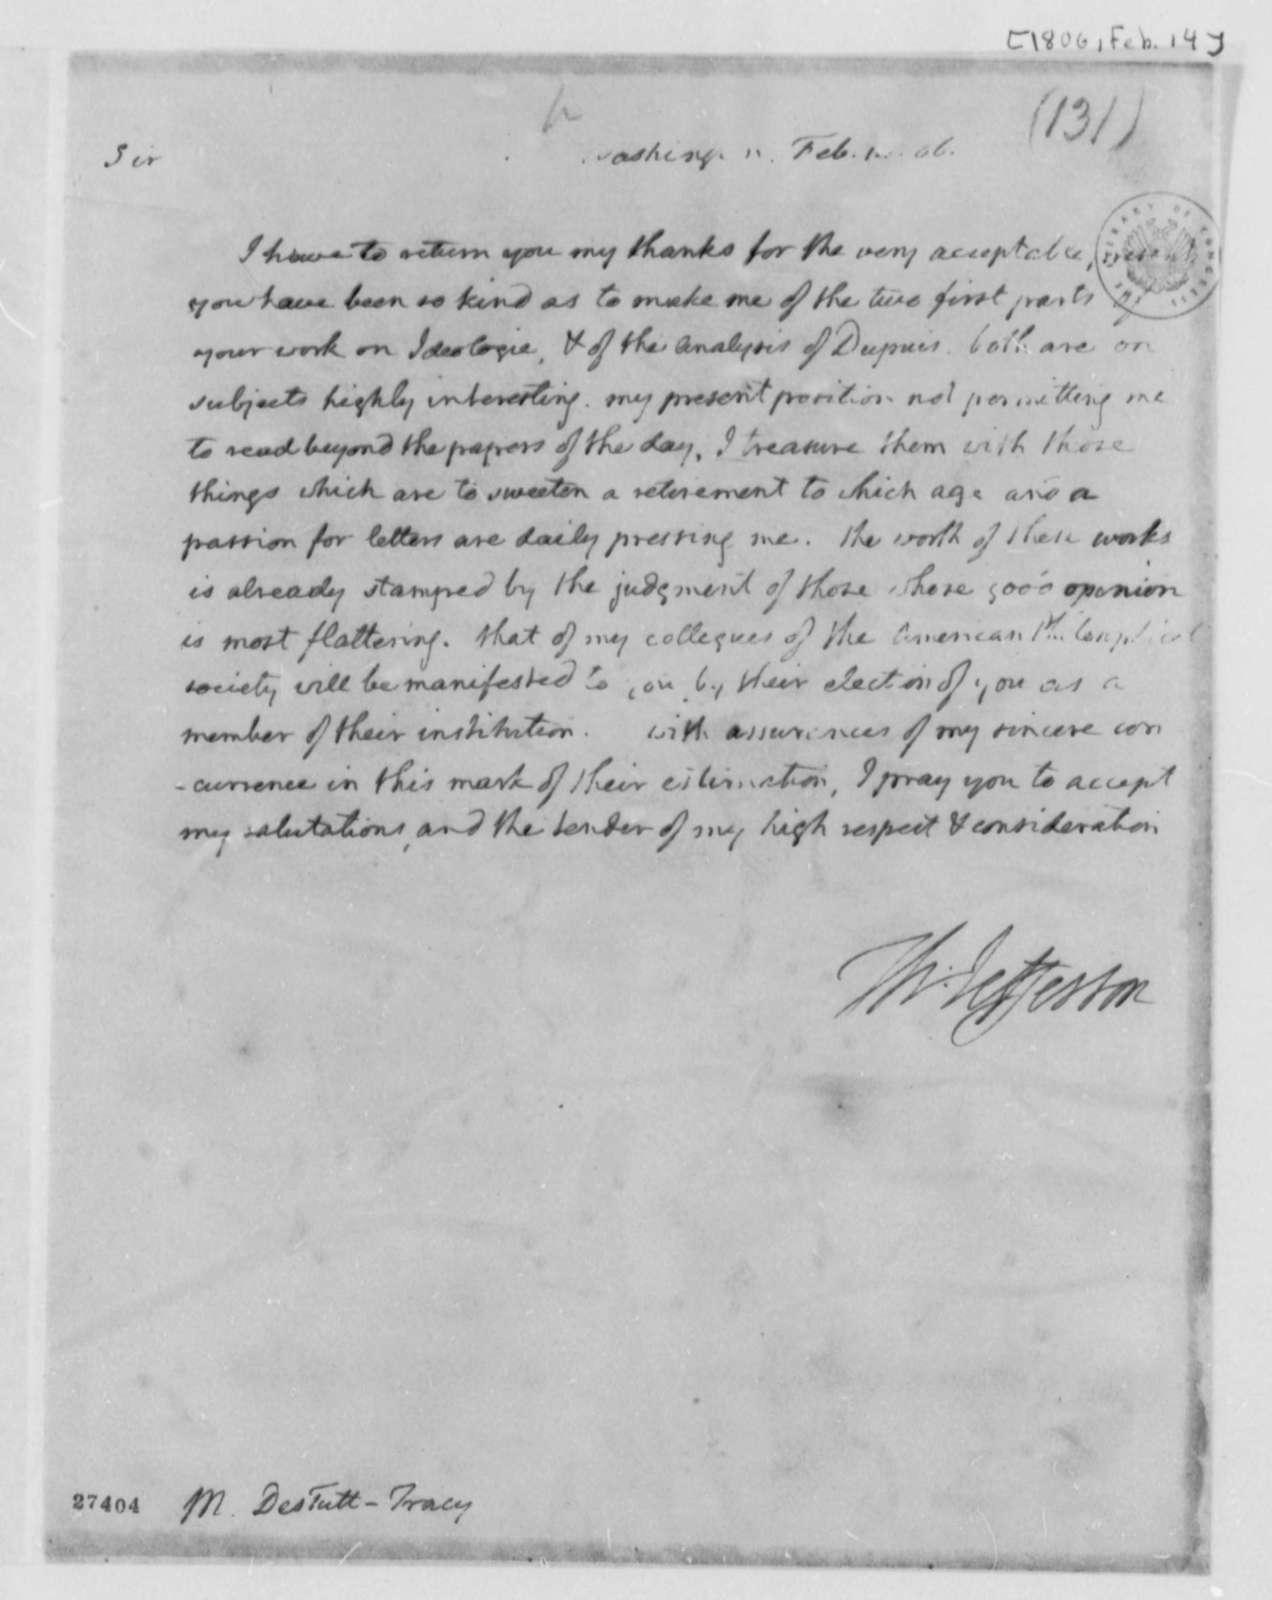 Thomas Jefferson to Antoine Louis Claude Destutt de Tracy, February 14, 1806